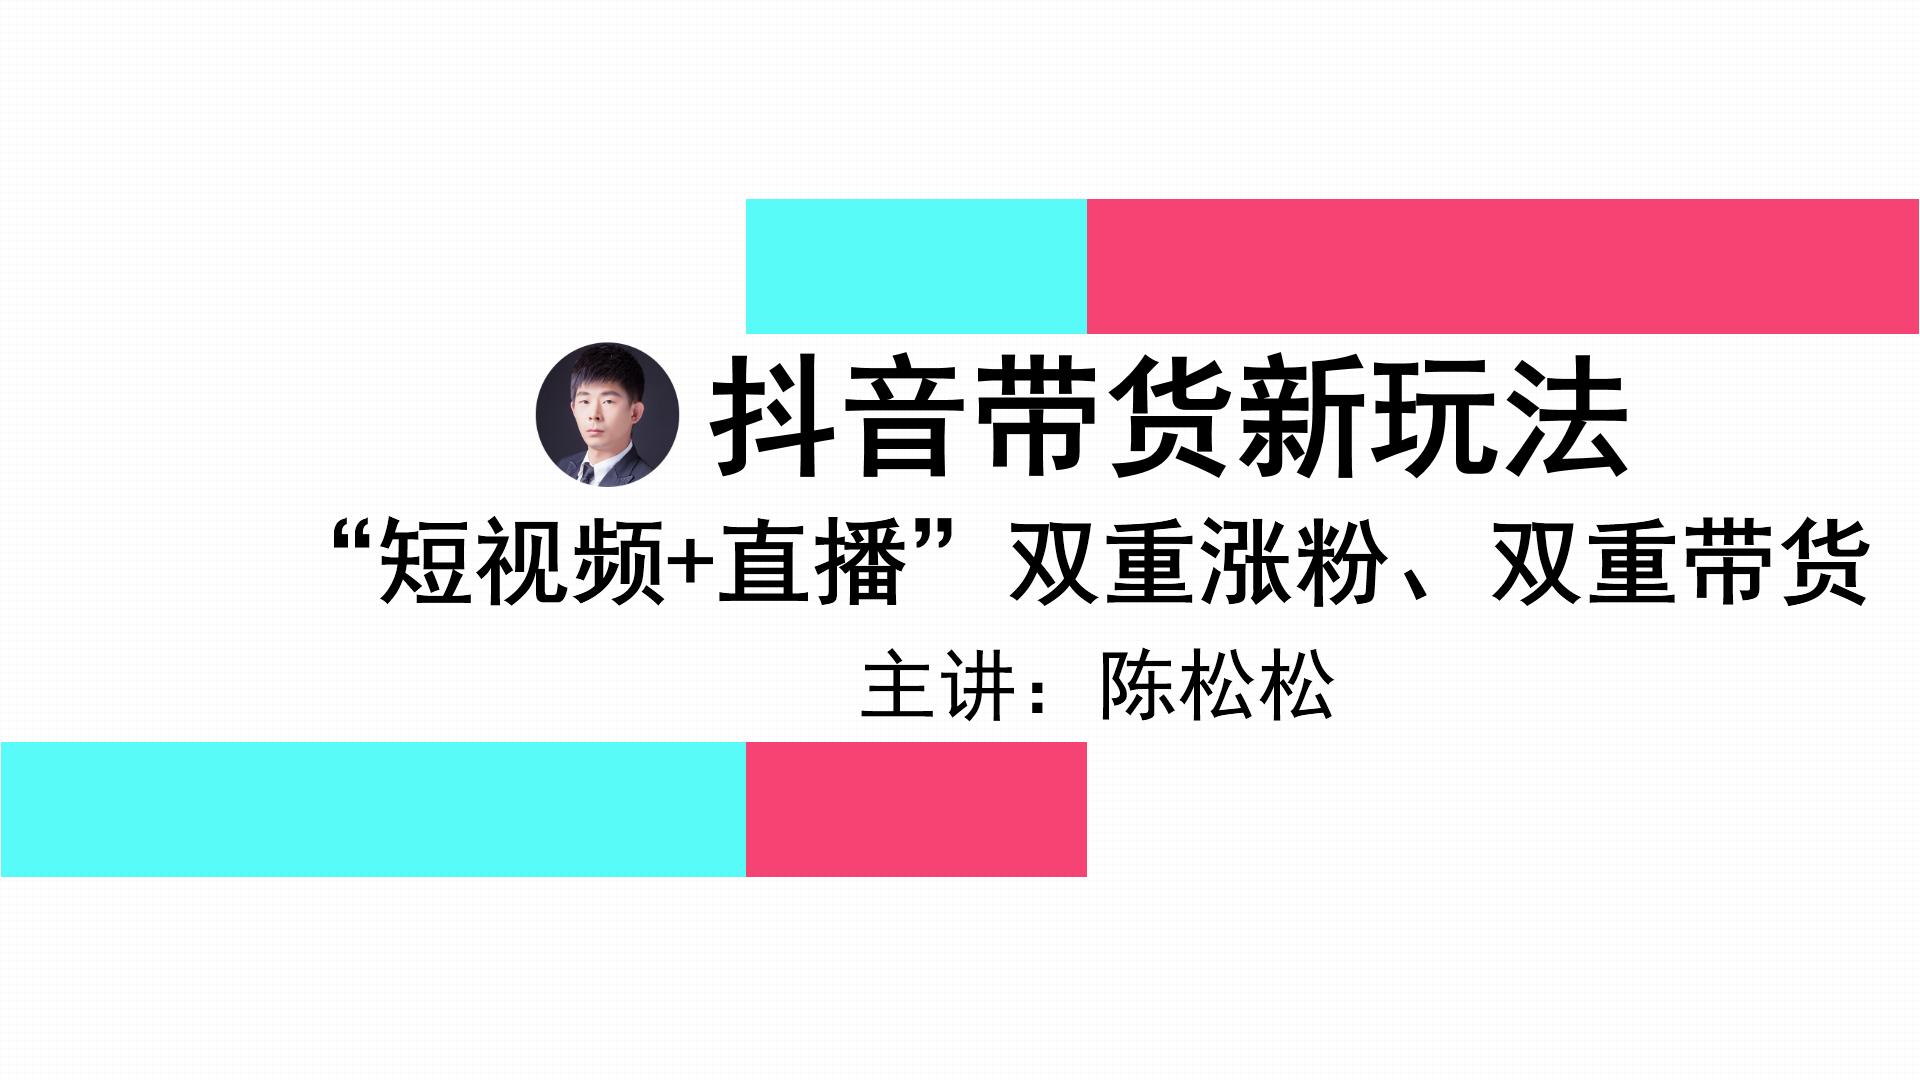 陈松松:抖音带货新玩法,用短视频来涨粉,用直播来带货变现